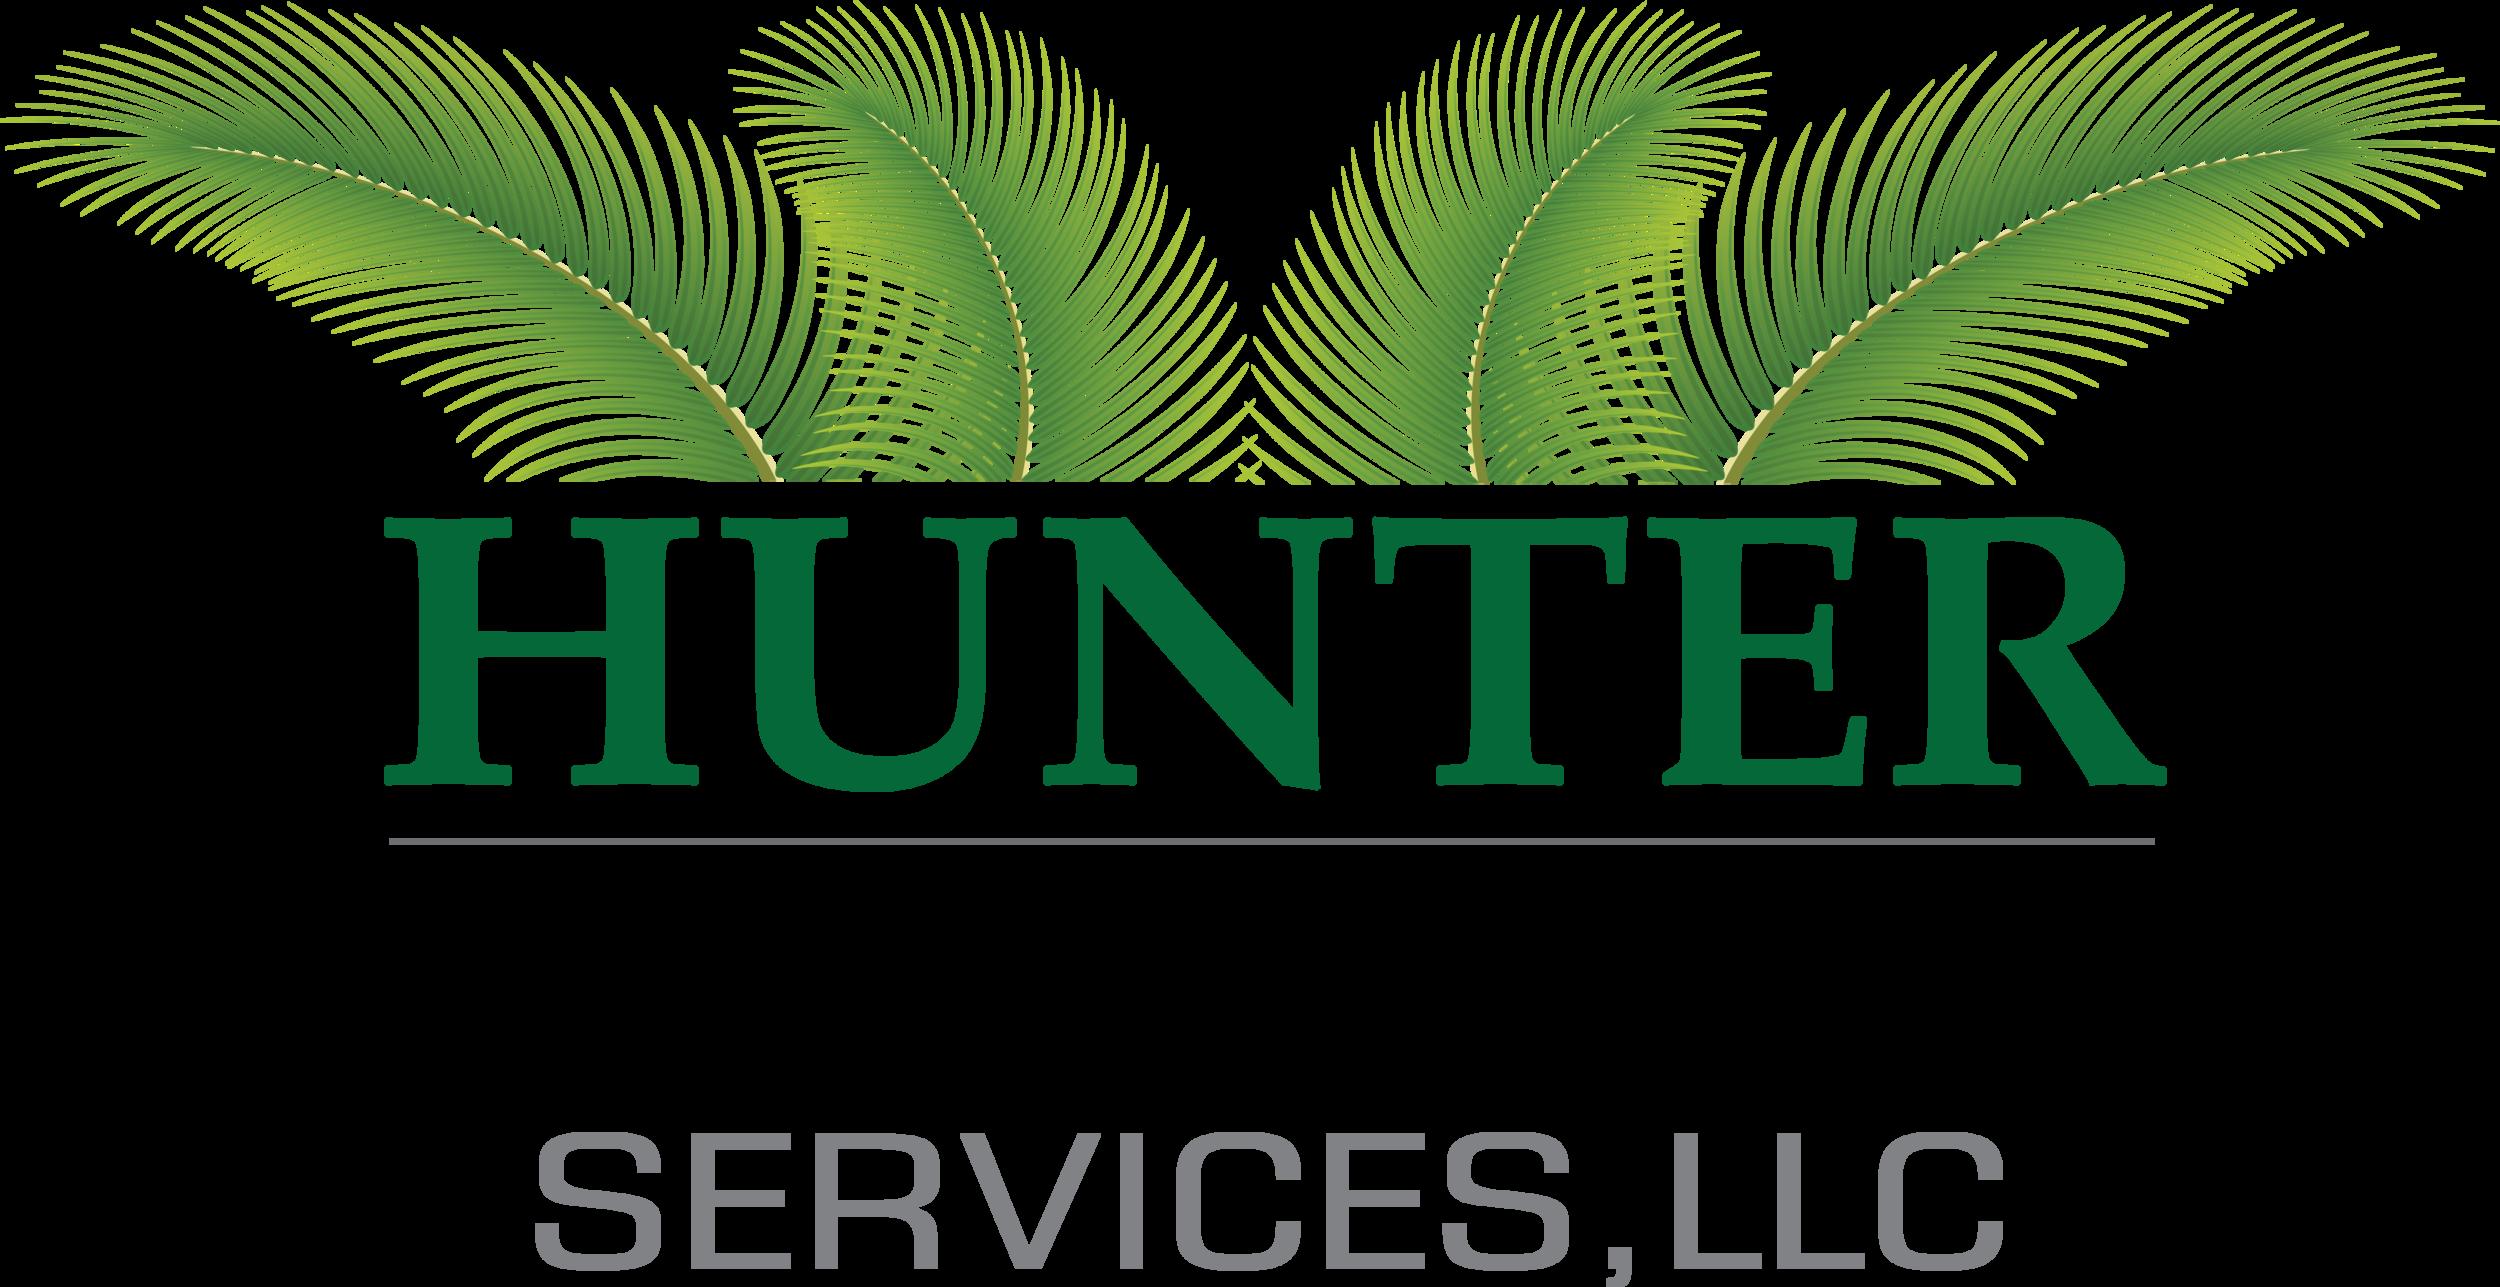 huntergrose-logo.png